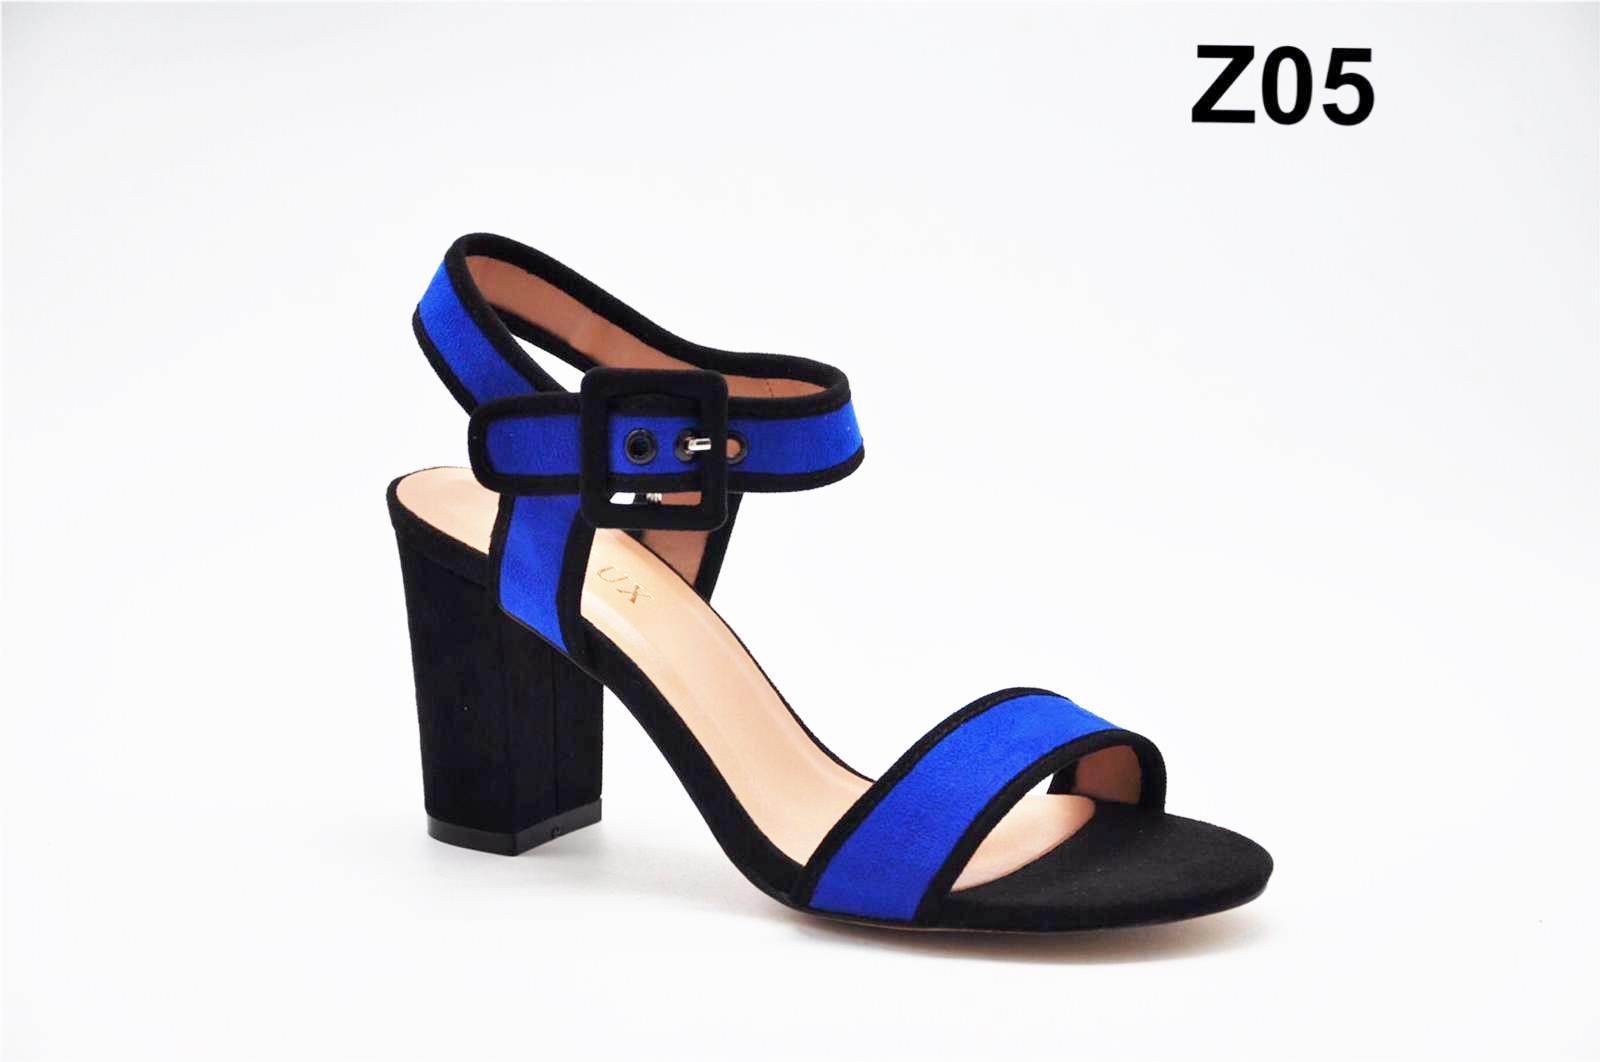 Sandale dama albastre Laura